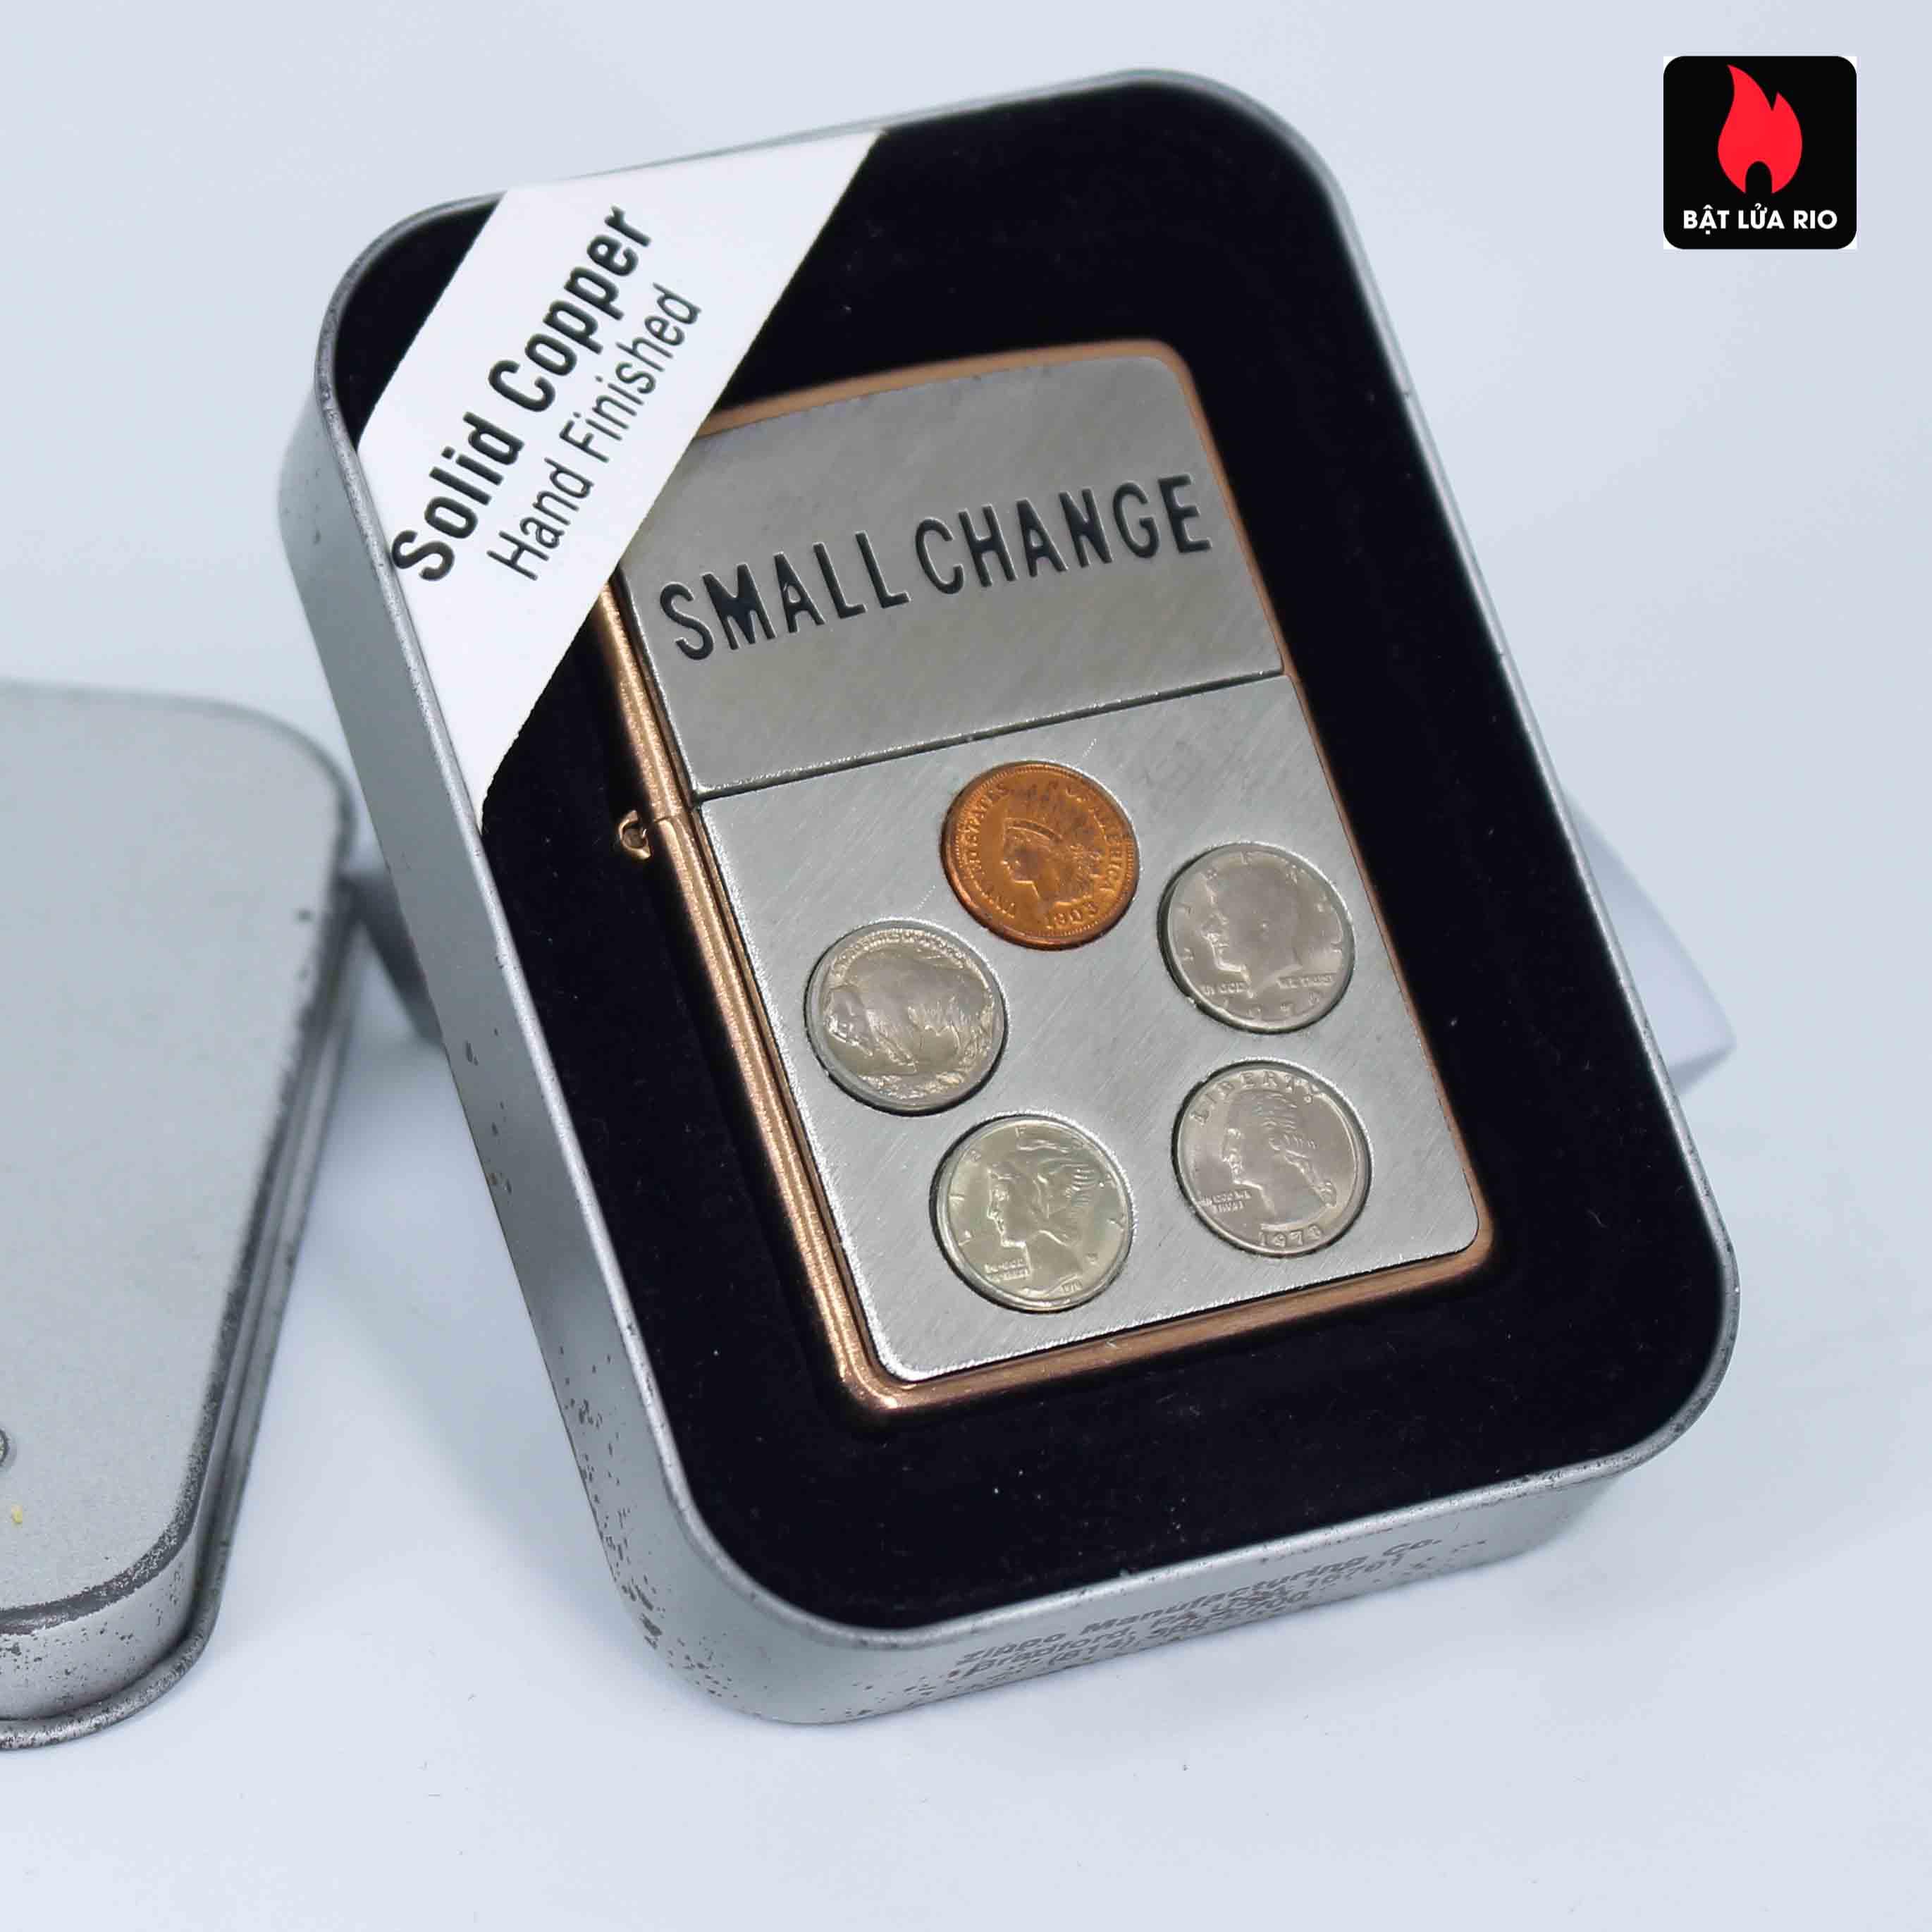 Zippo 2002 - Solid Copper Small Change - Đồng Đỏ Nguyên Khối 1